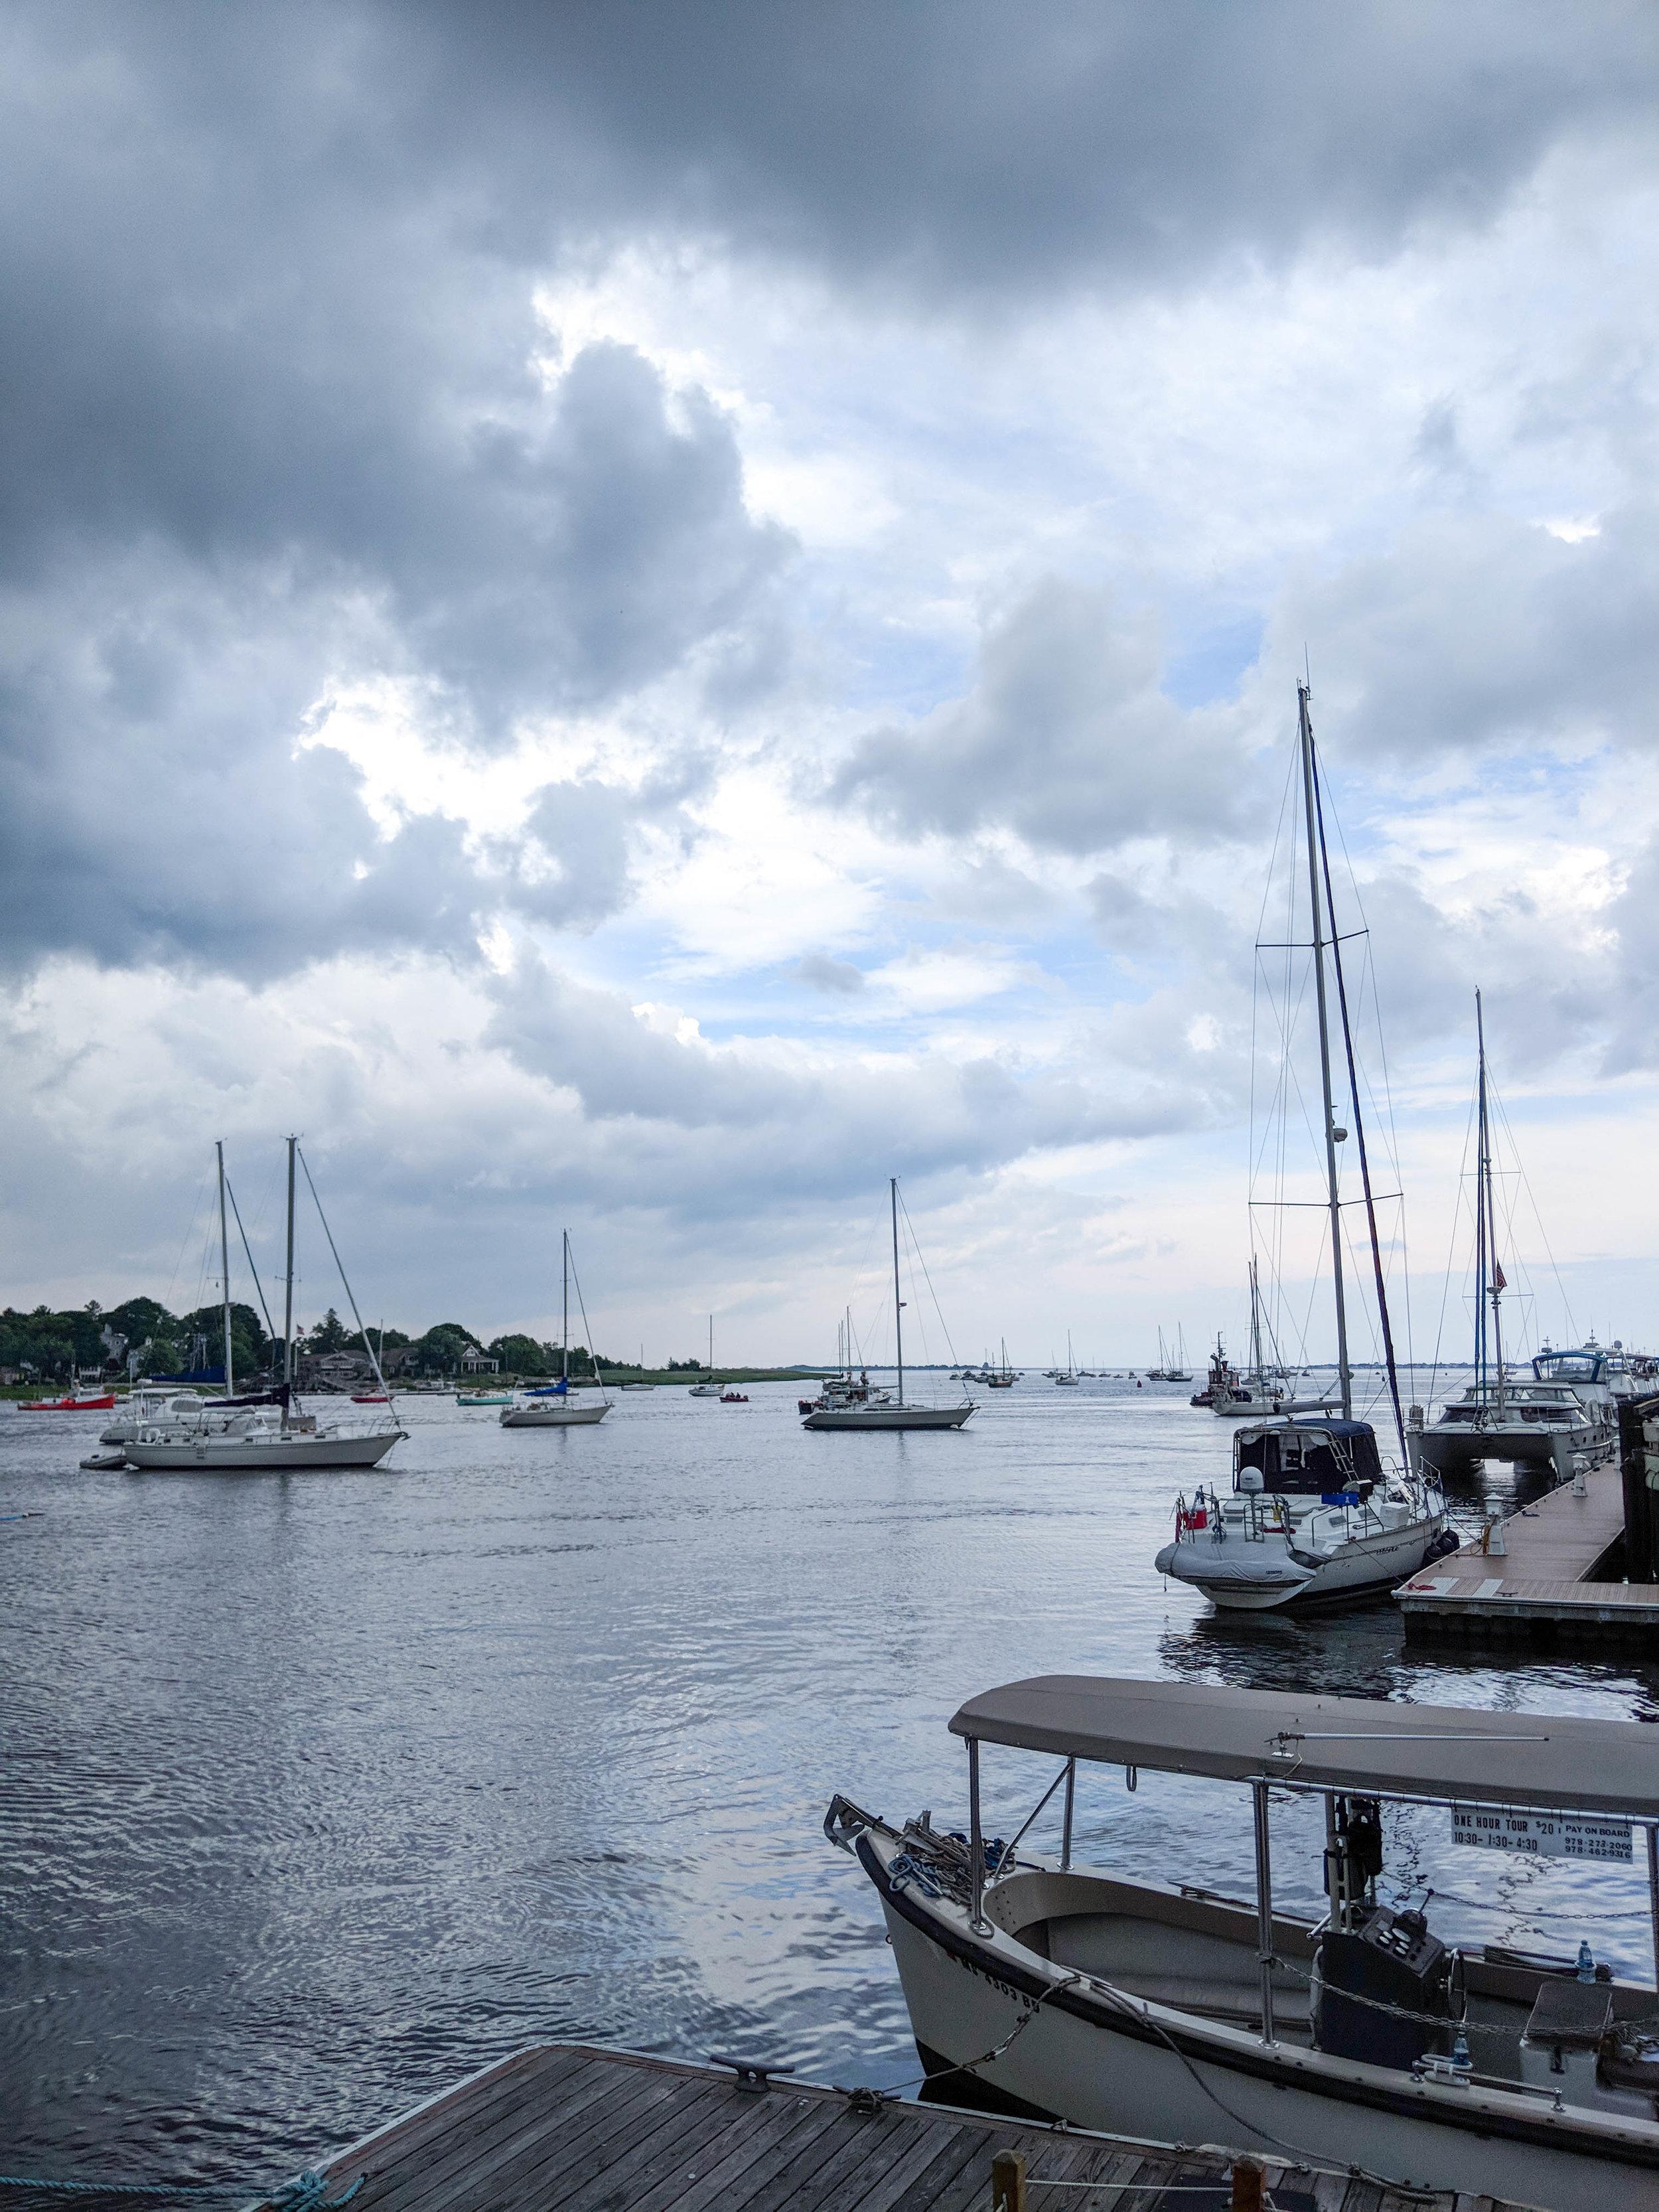 bri rinehart; ships; newburyport; photography